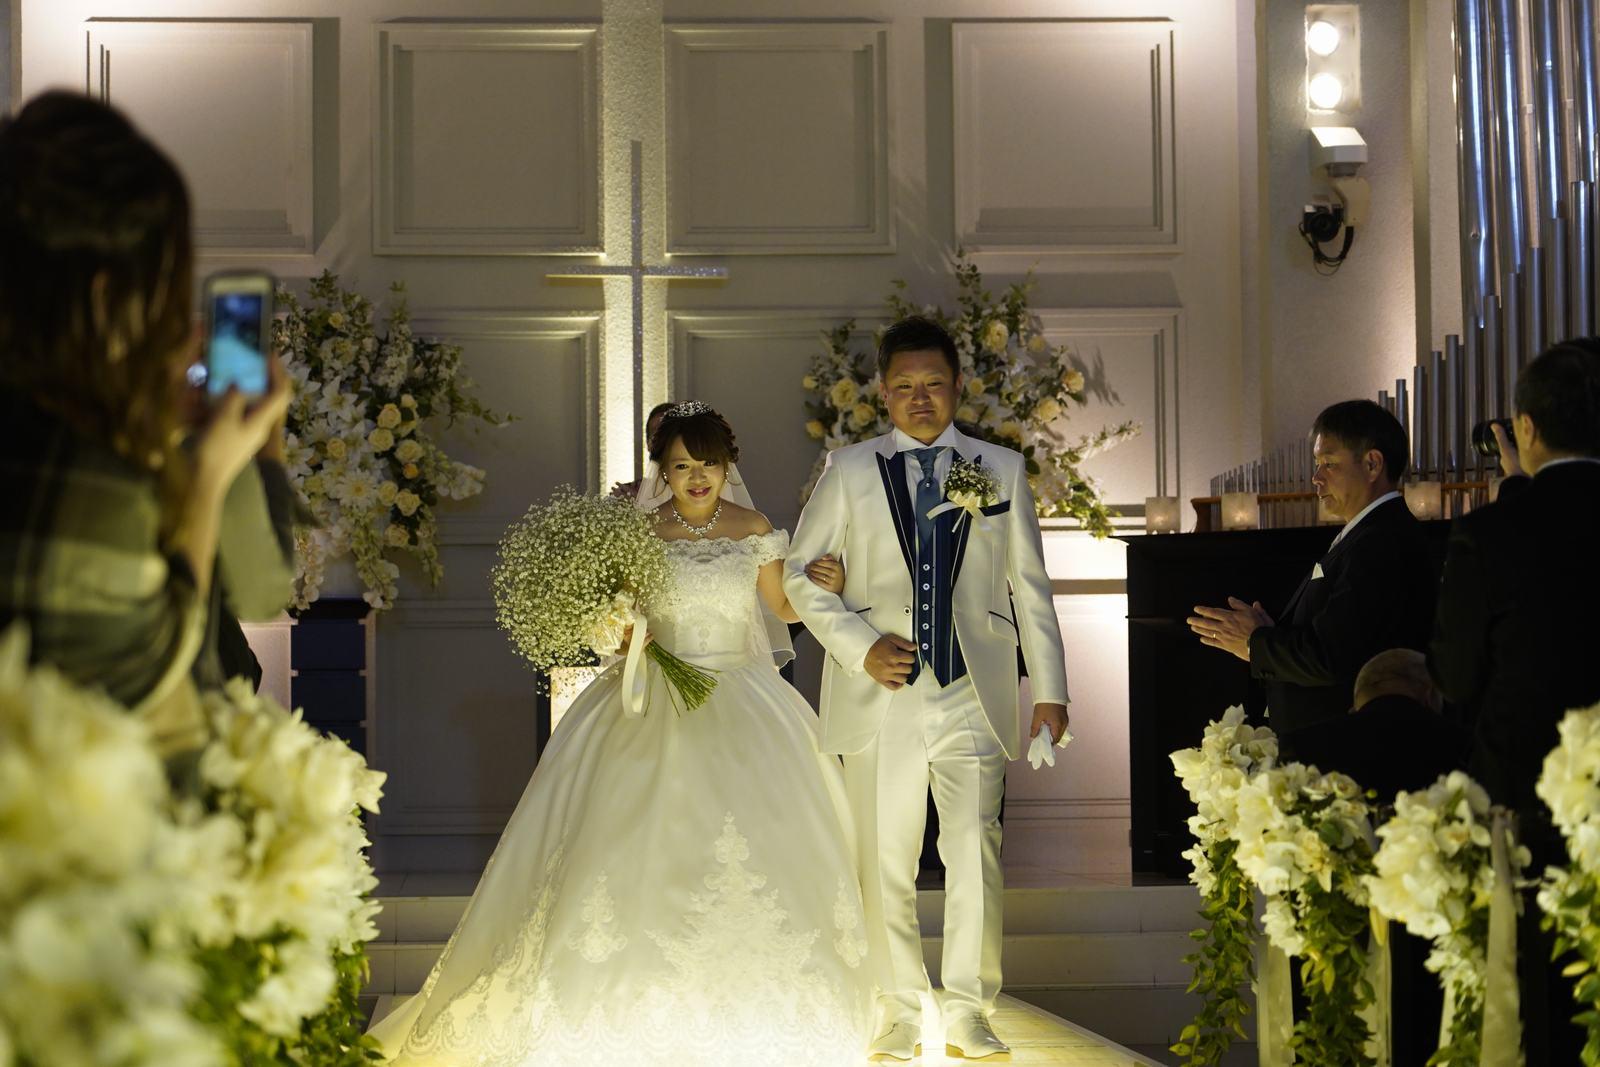 香川の結婚式場シェルエメール&アイスタイル 新郎新婦退場